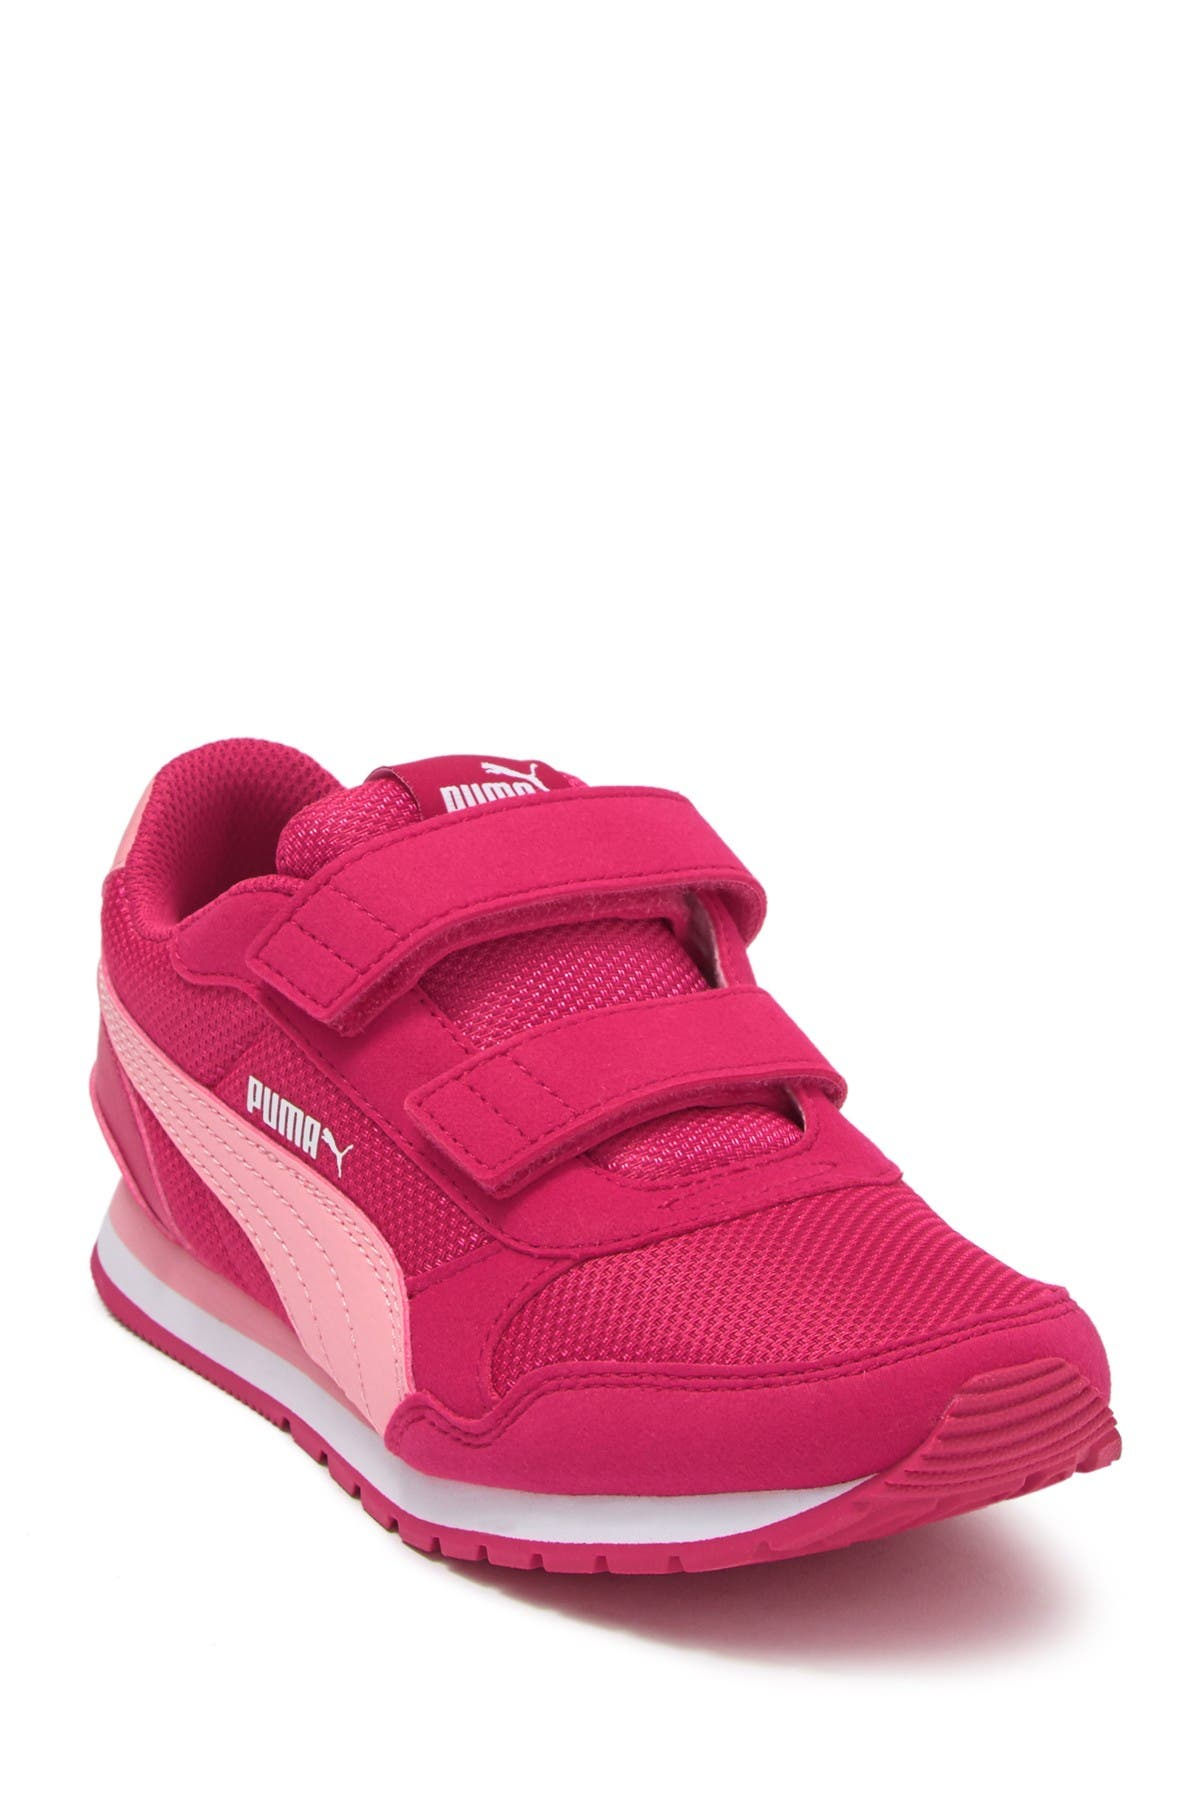 Image of PUMA ST Runner V2 Mesh Sneaker